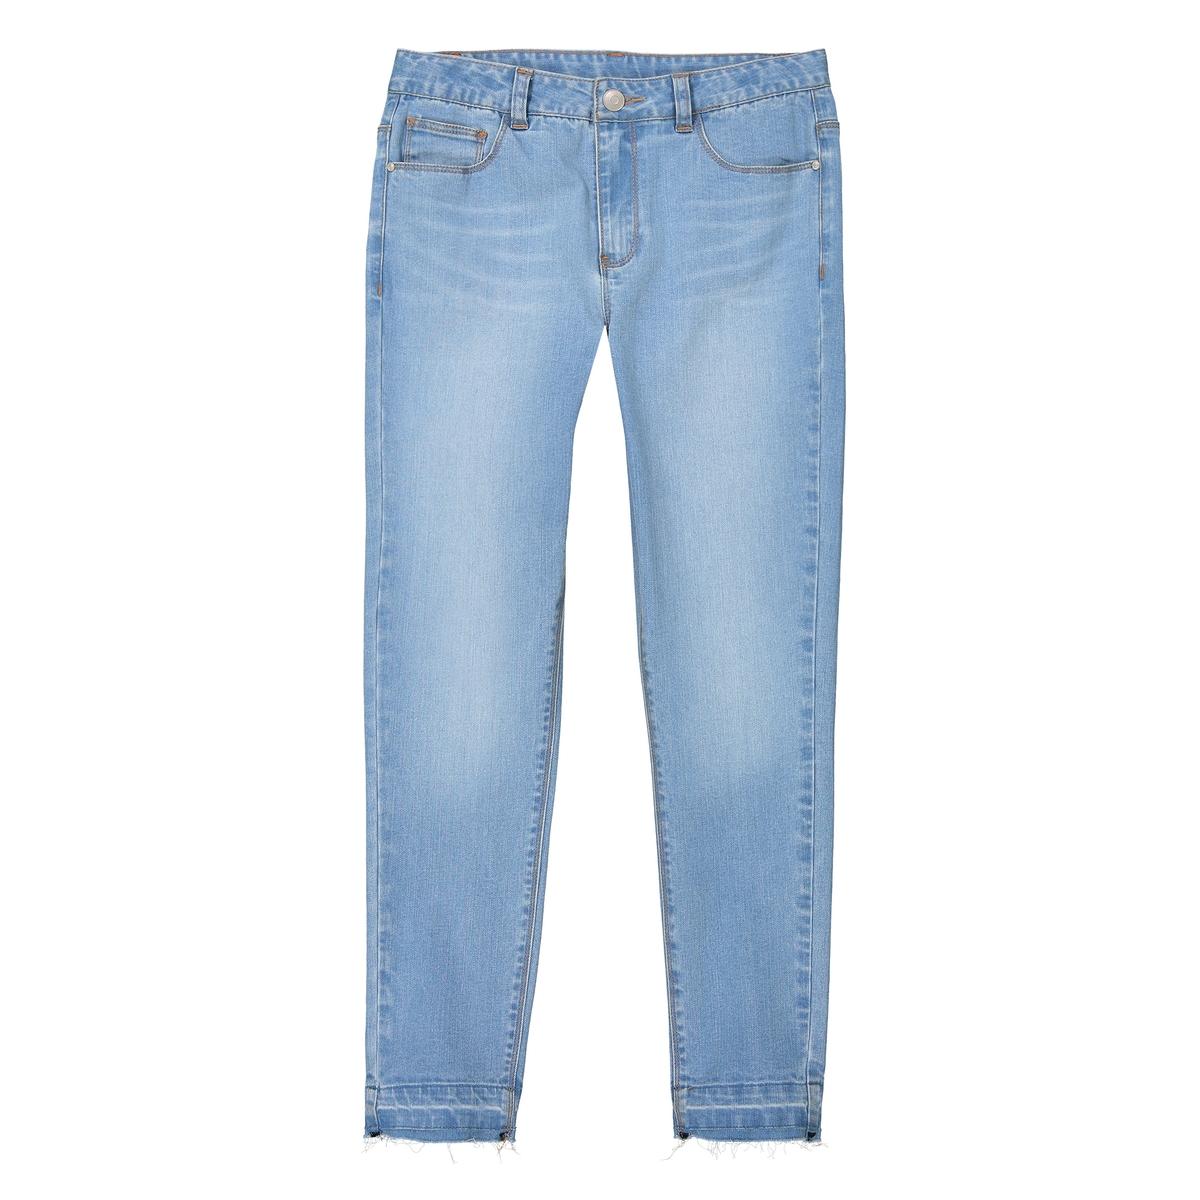 Jeans skinny sfilacciati ricamati 10-16 anni